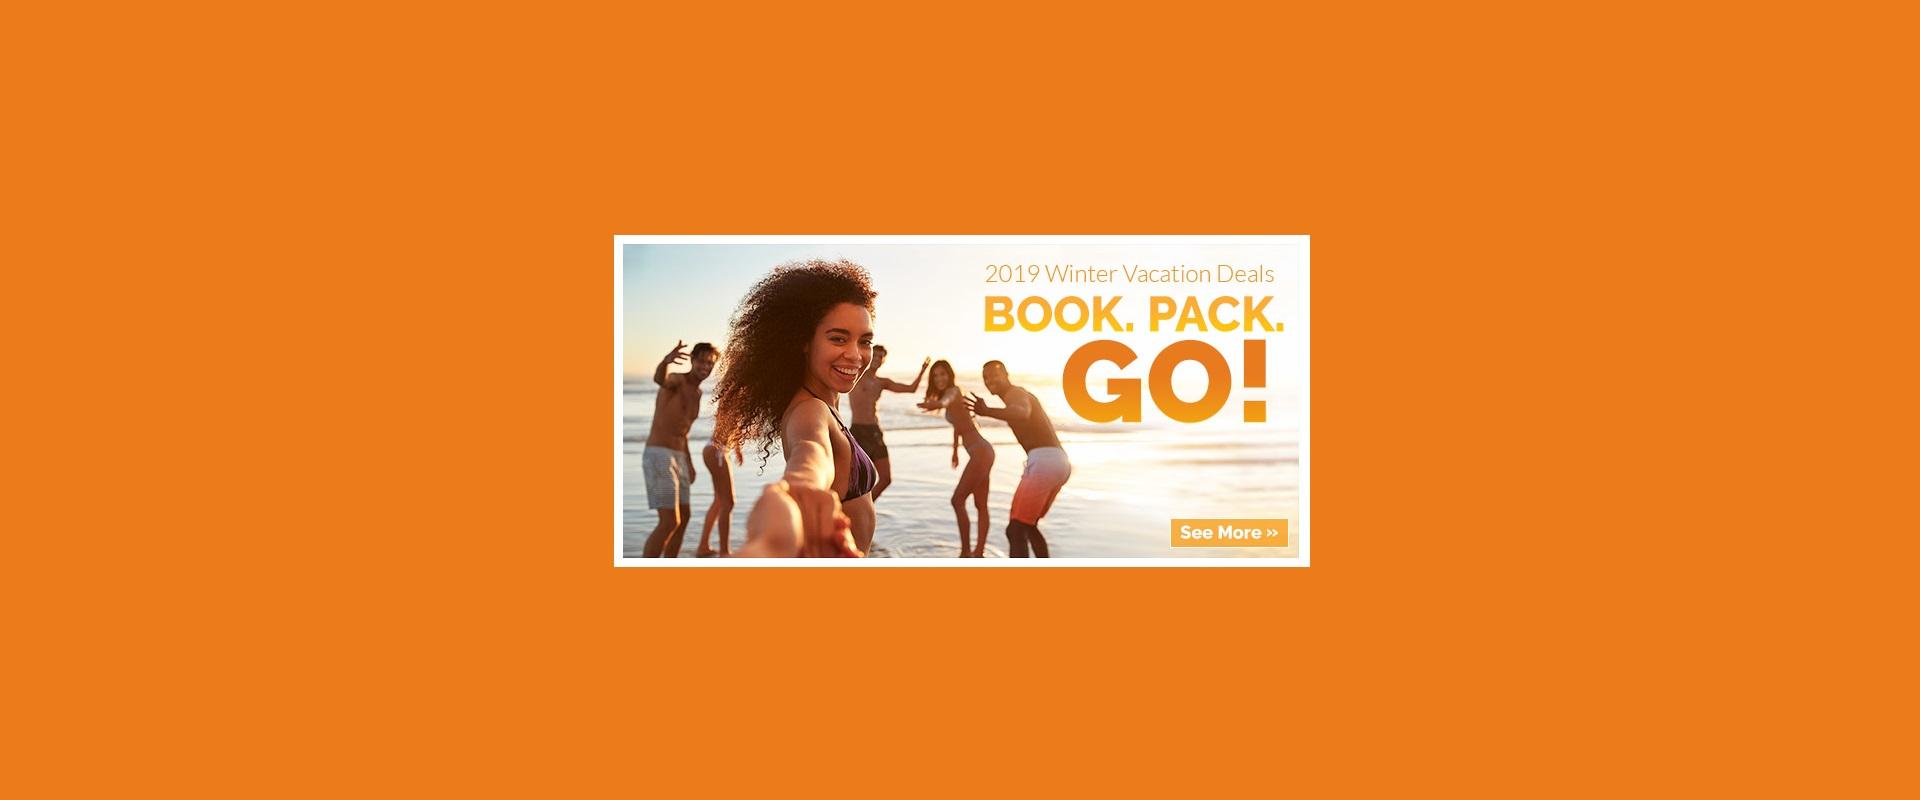 Book-Pack-Go-Header